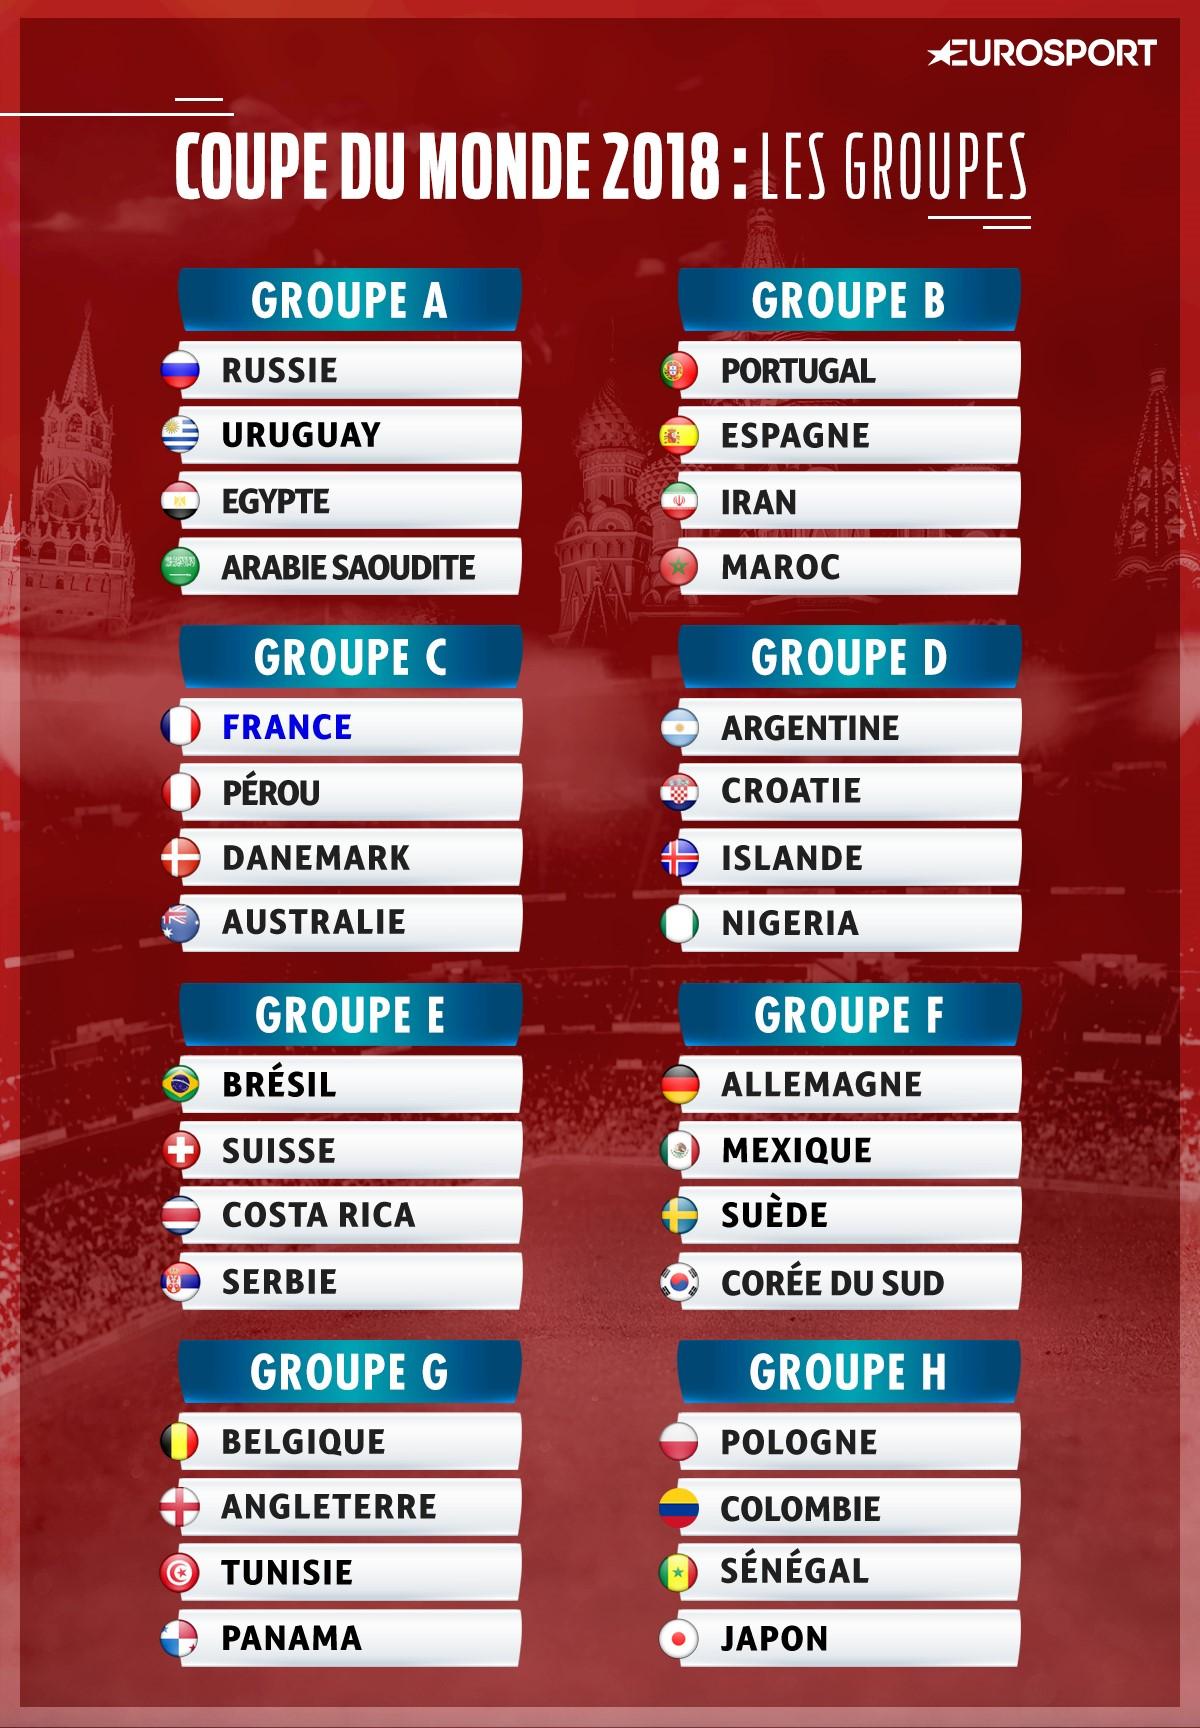 Le tirage au sort complet de la Coupe du Monde